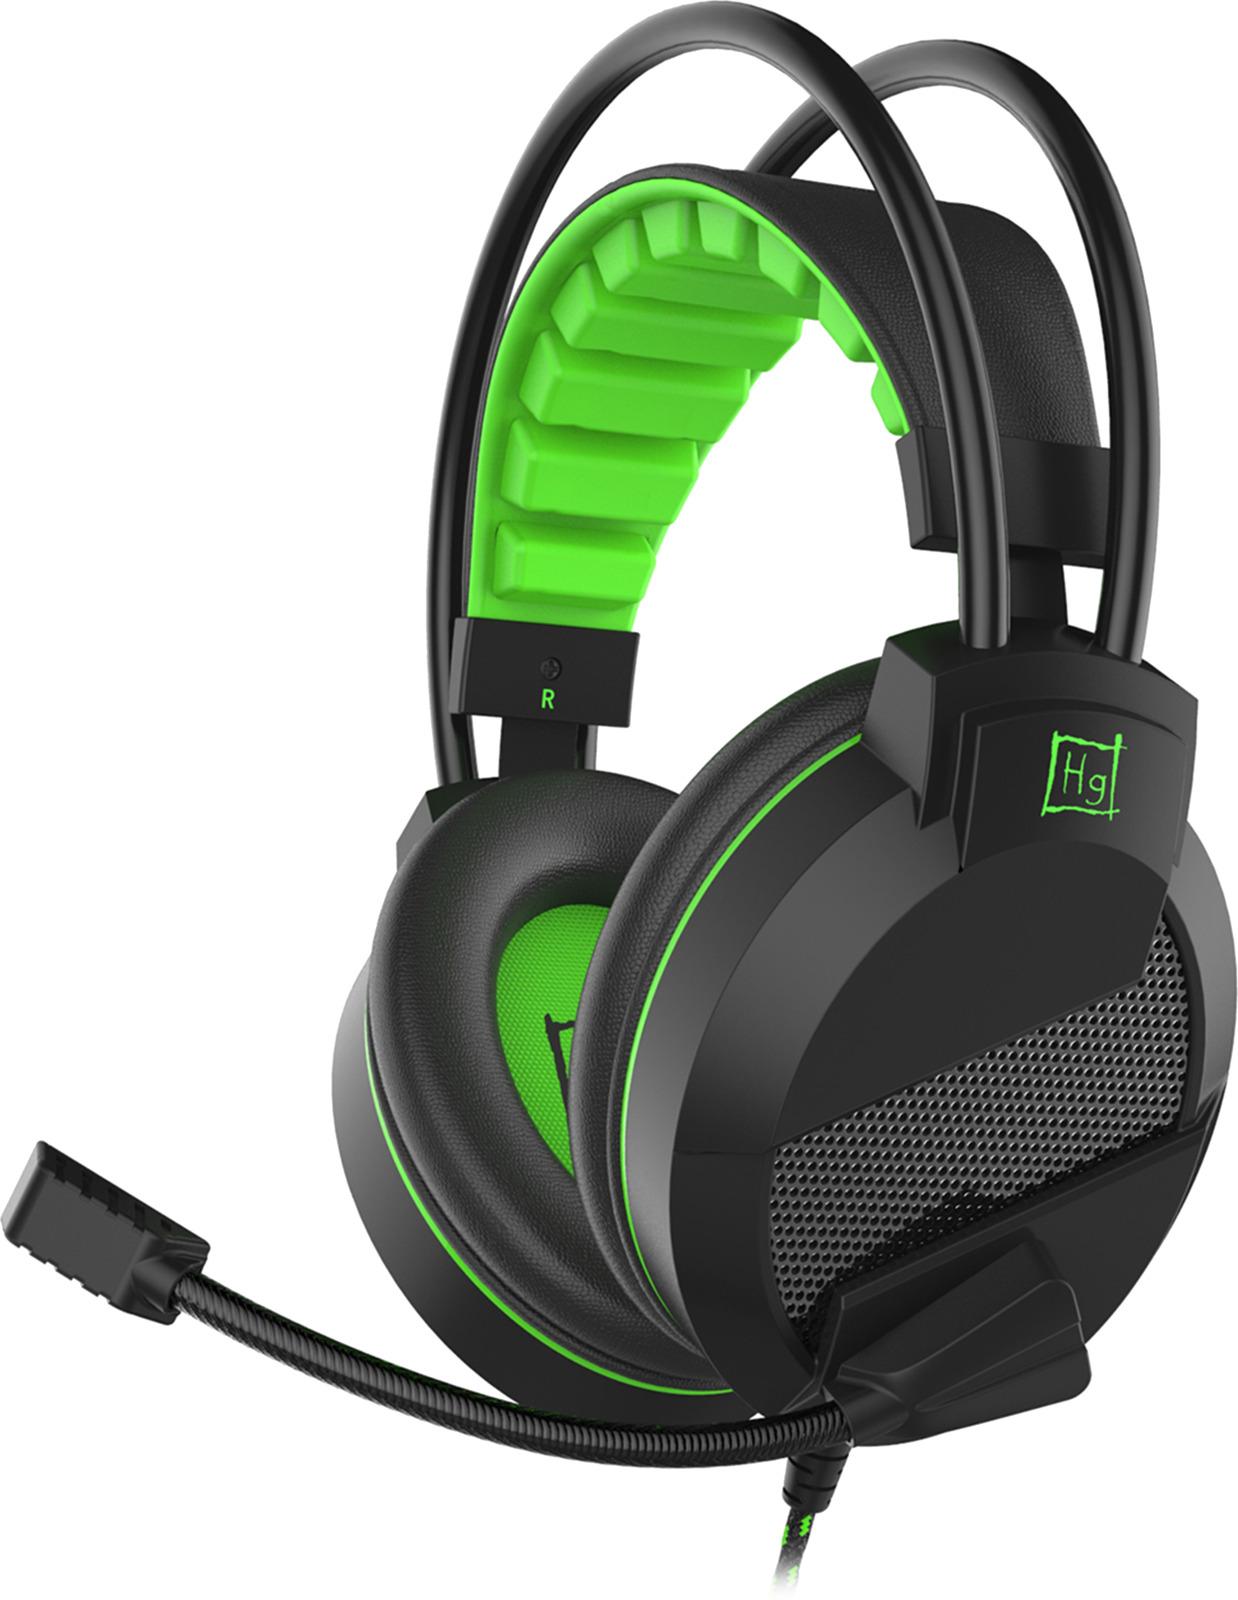 Игровые наушники Harper Gaming Mirage, GHS-R101, черный, зеленый